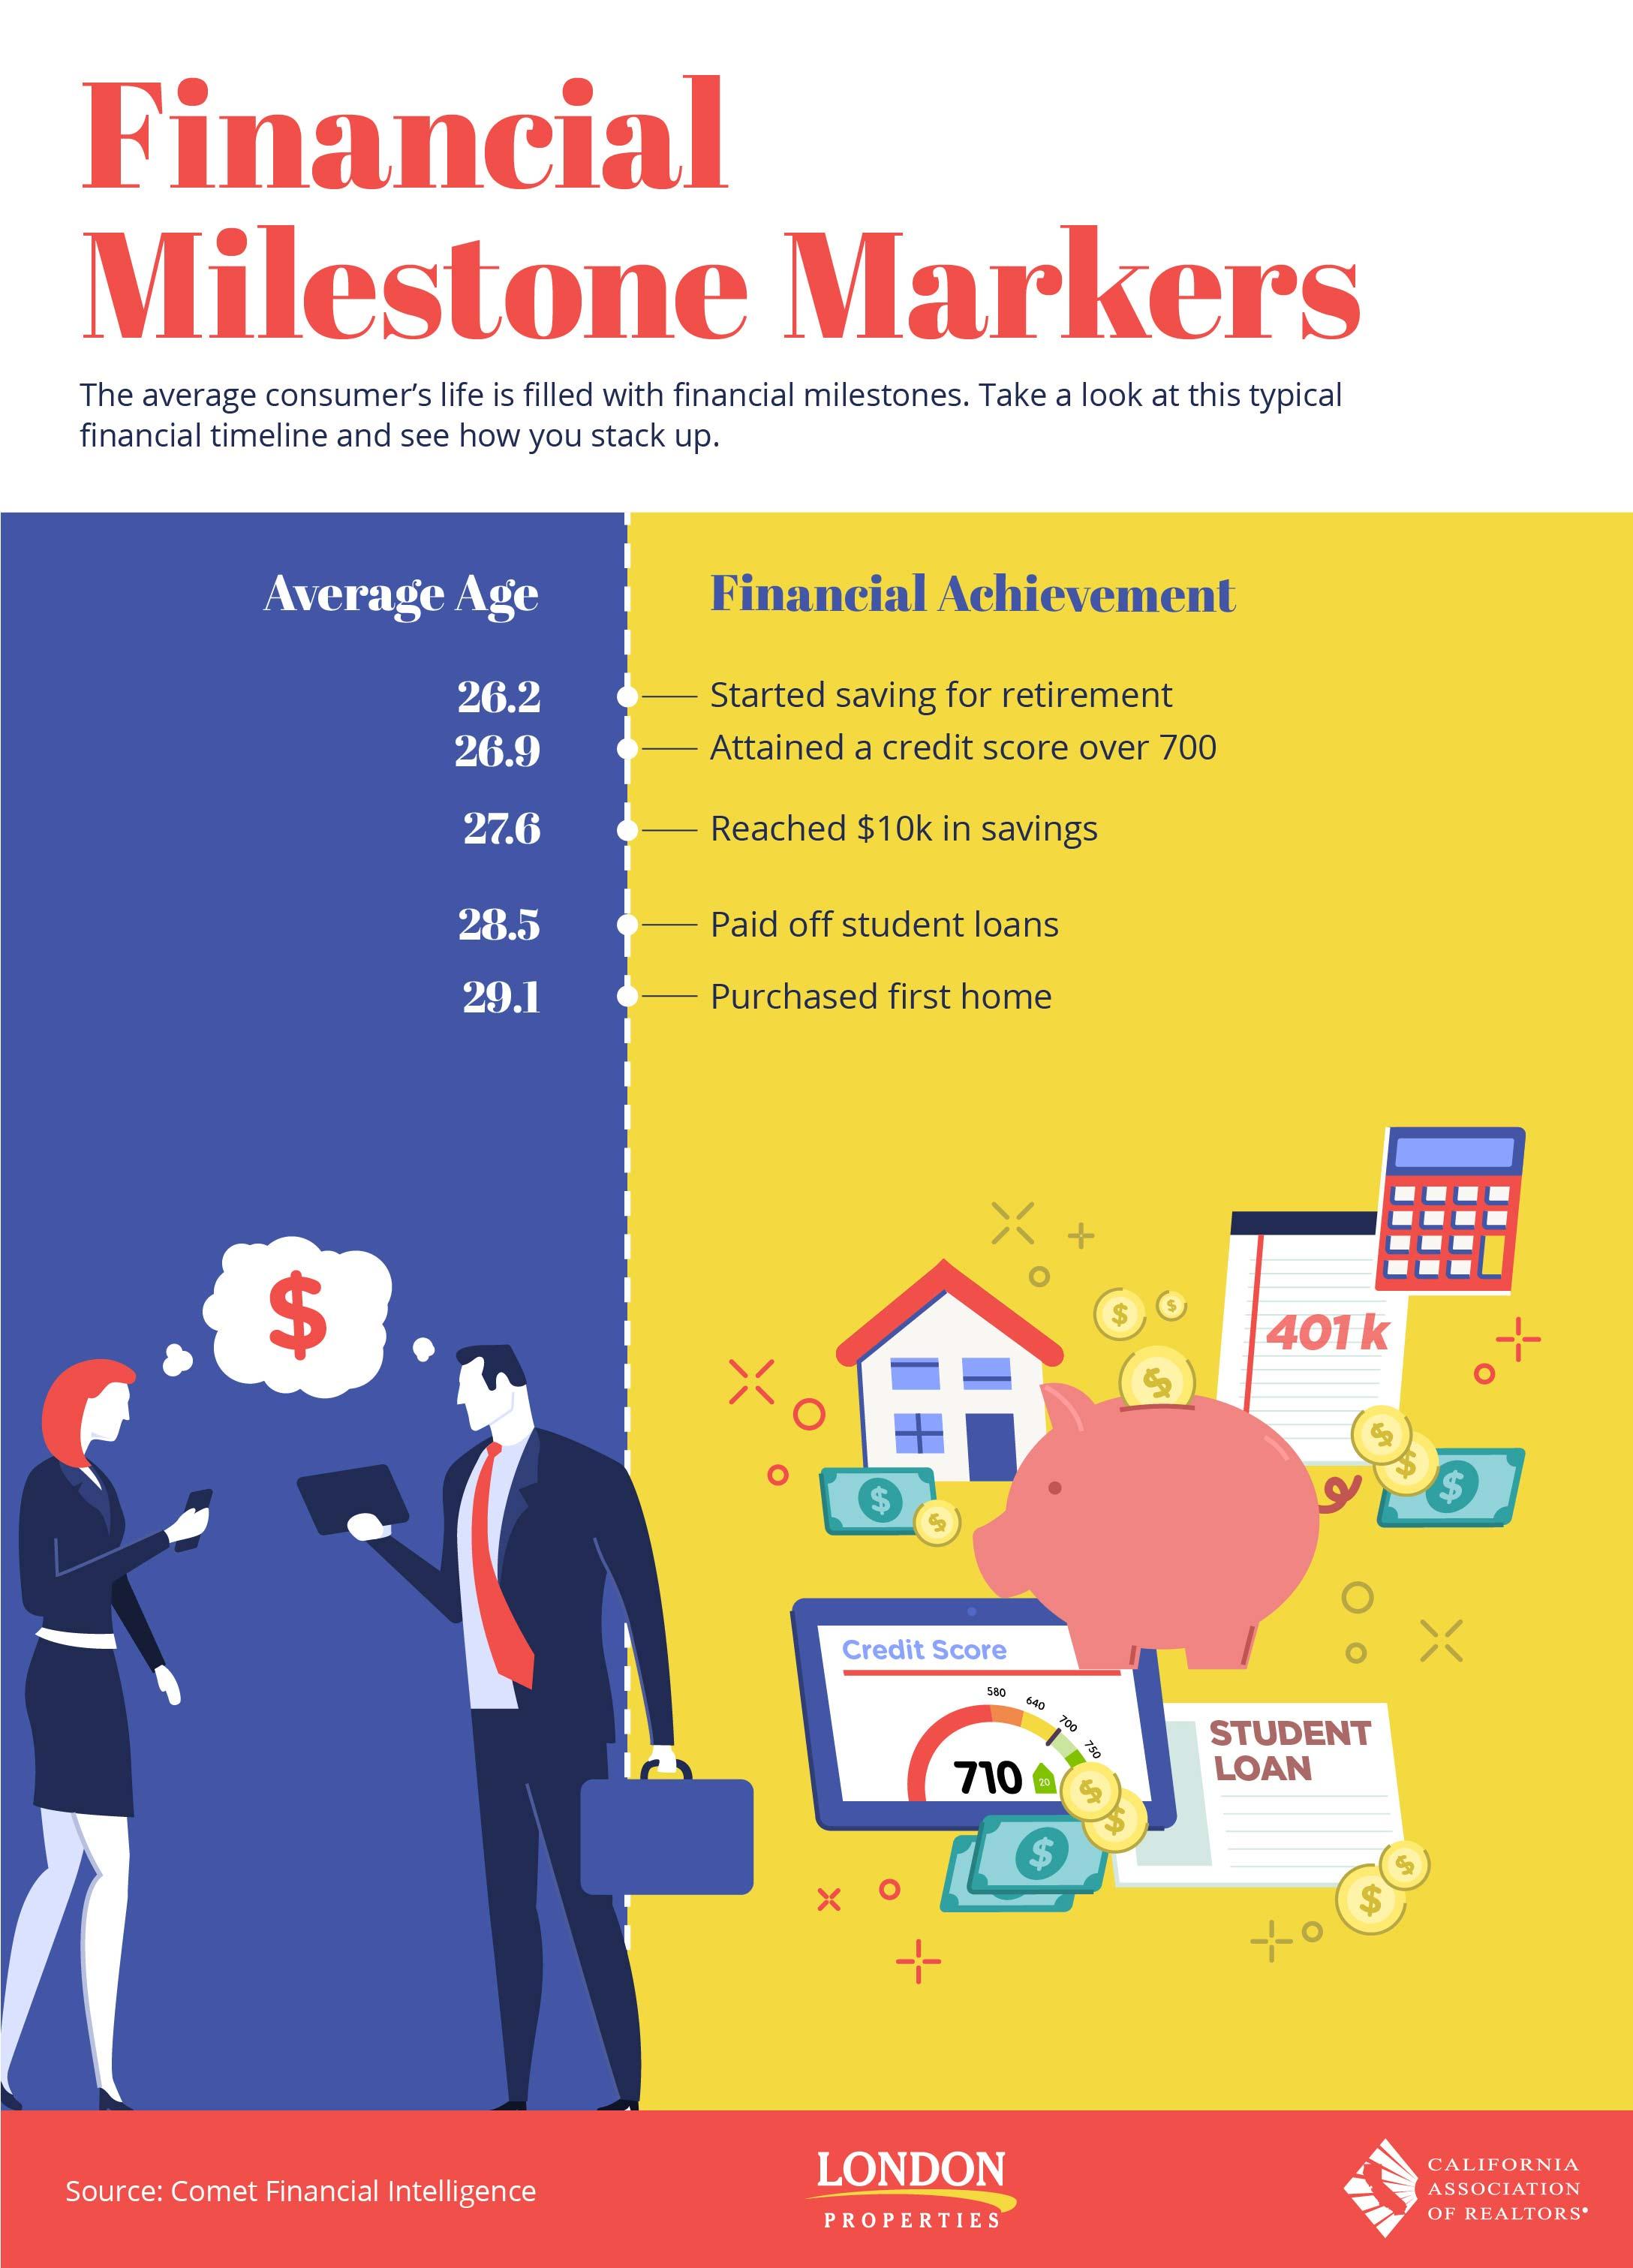 Financial Milestones